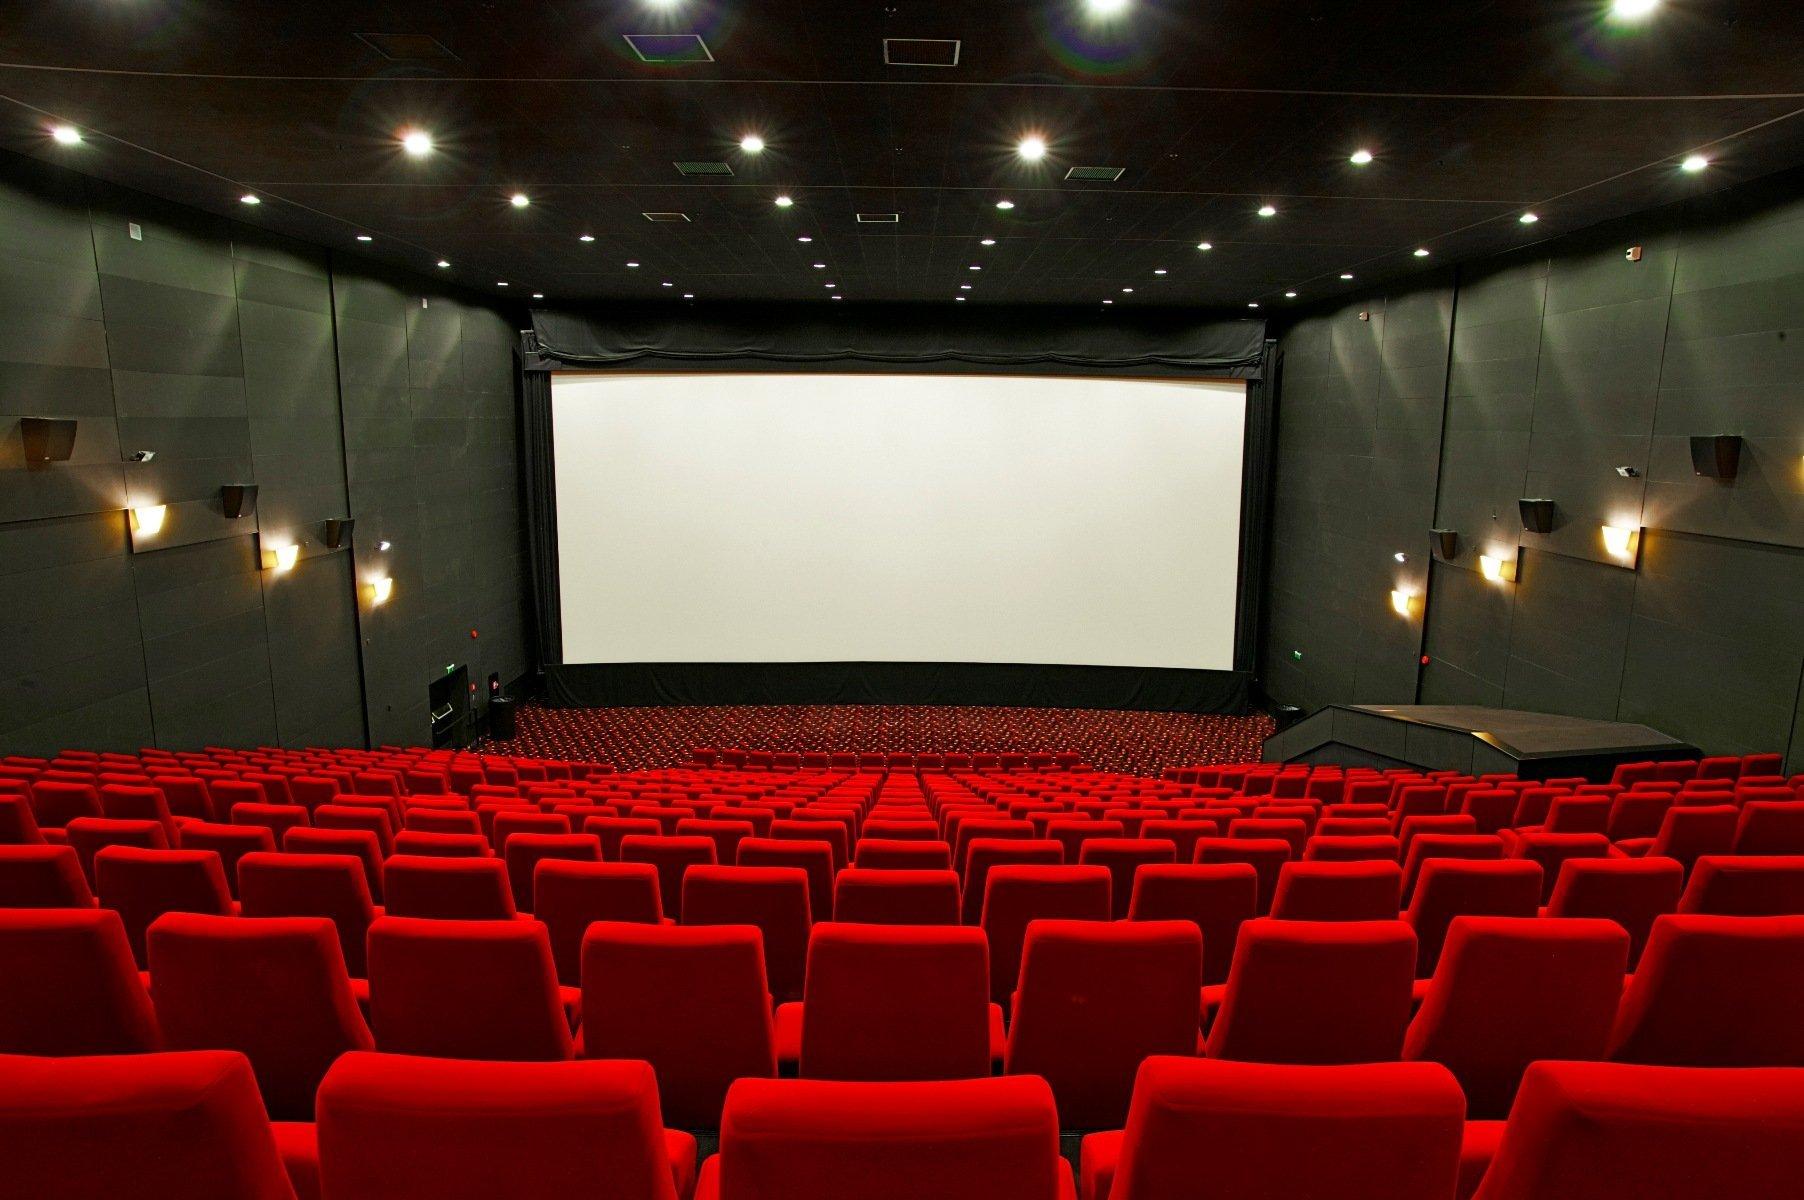 kino-porno-zal